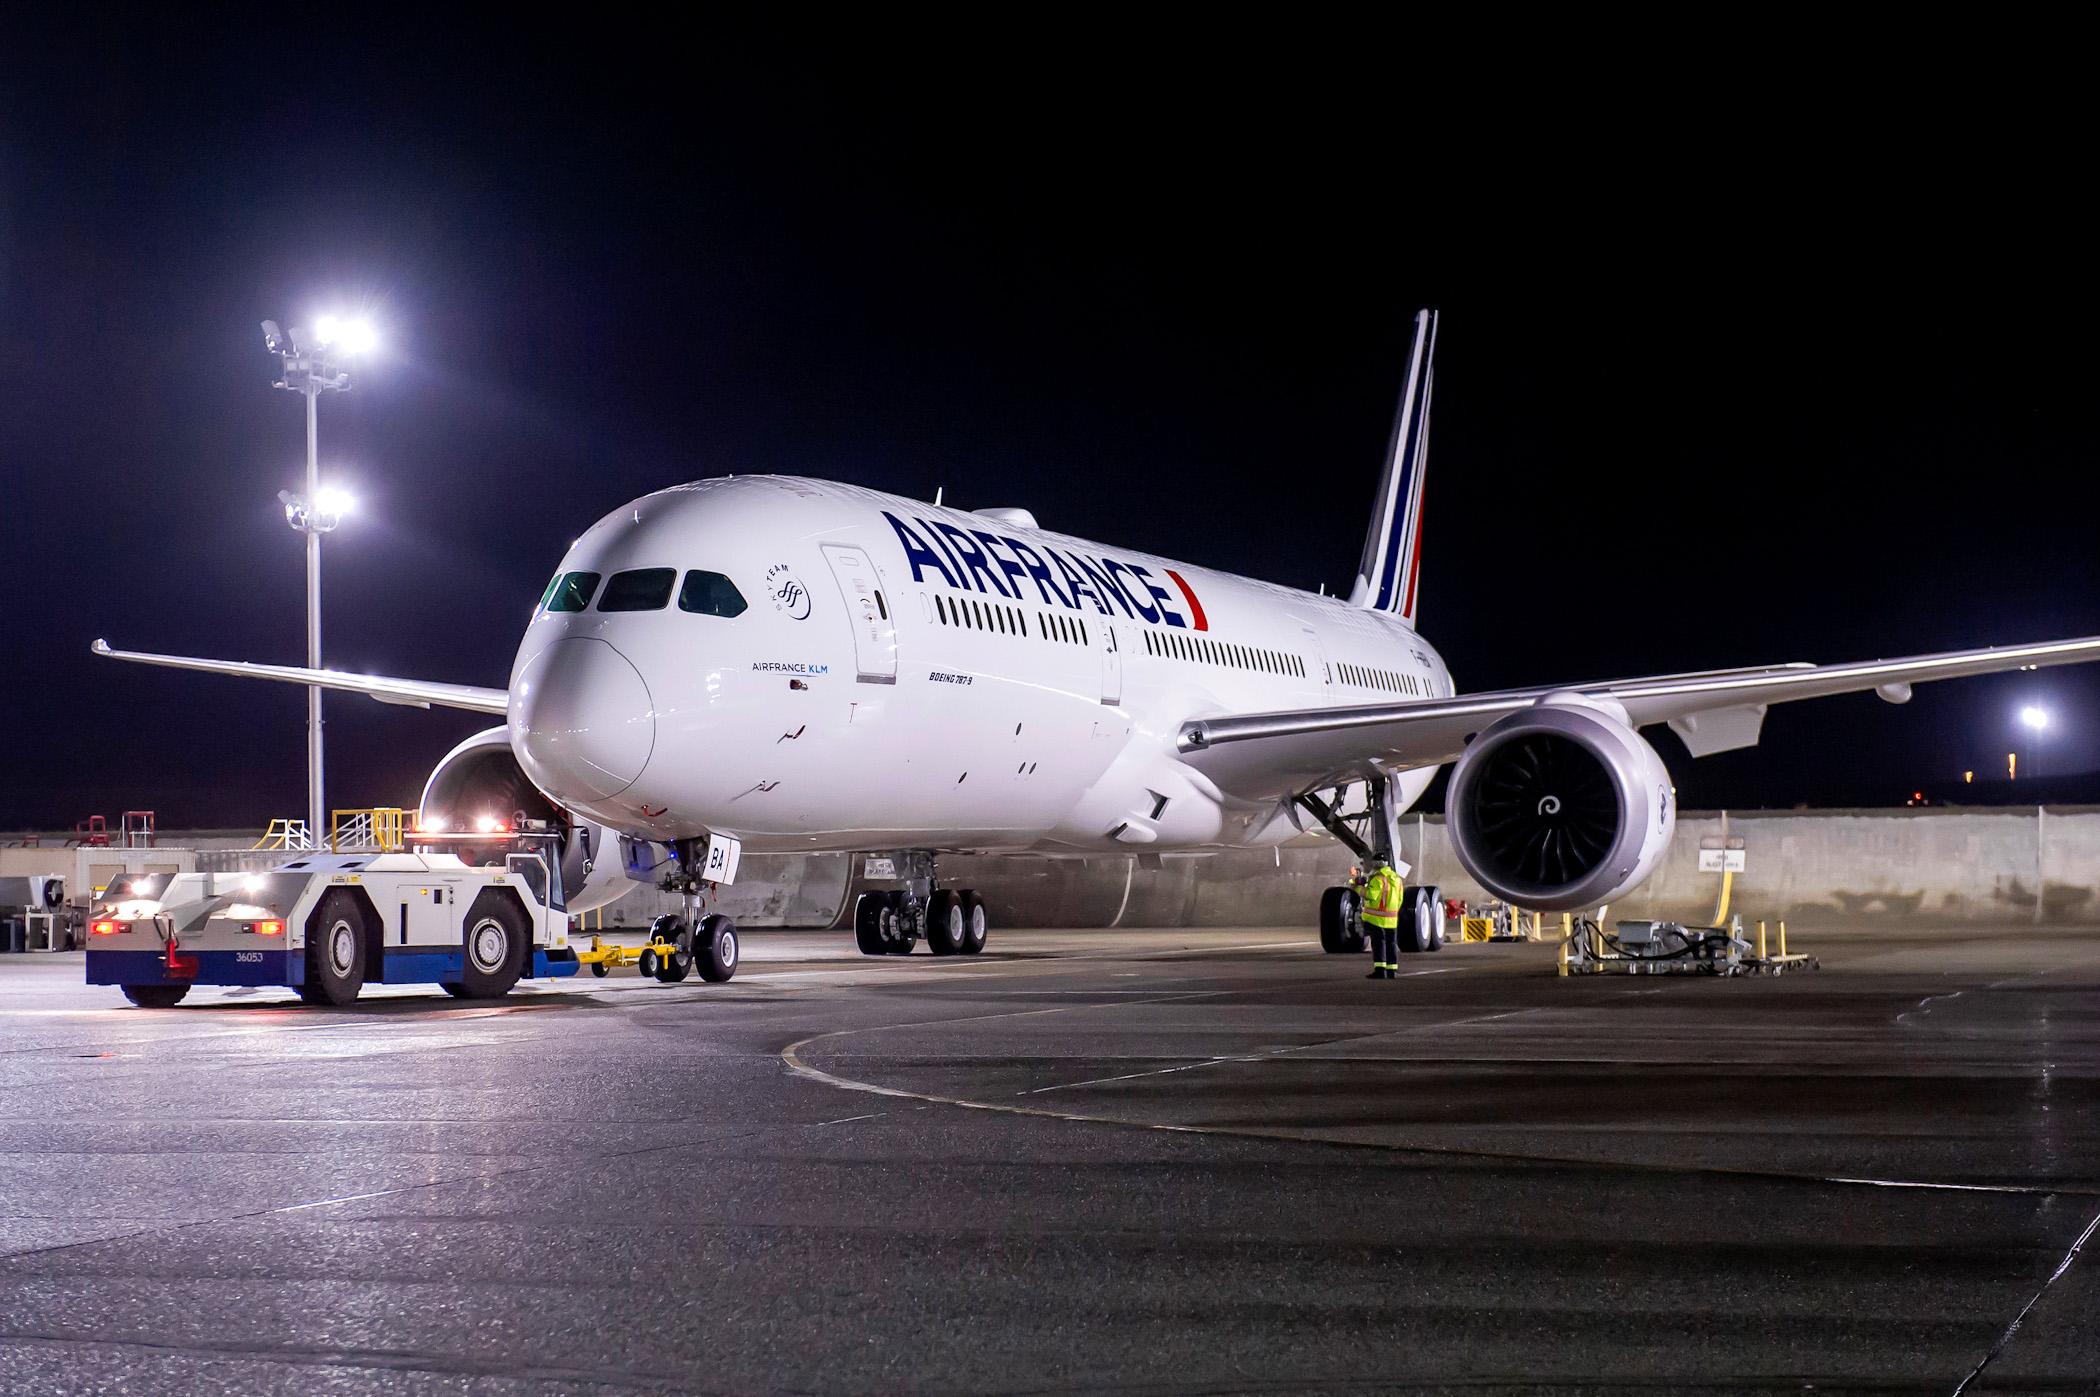 Air France ne prévoit pas un retour à la normale pour ses vols en Chine avant le 29 mars © AF